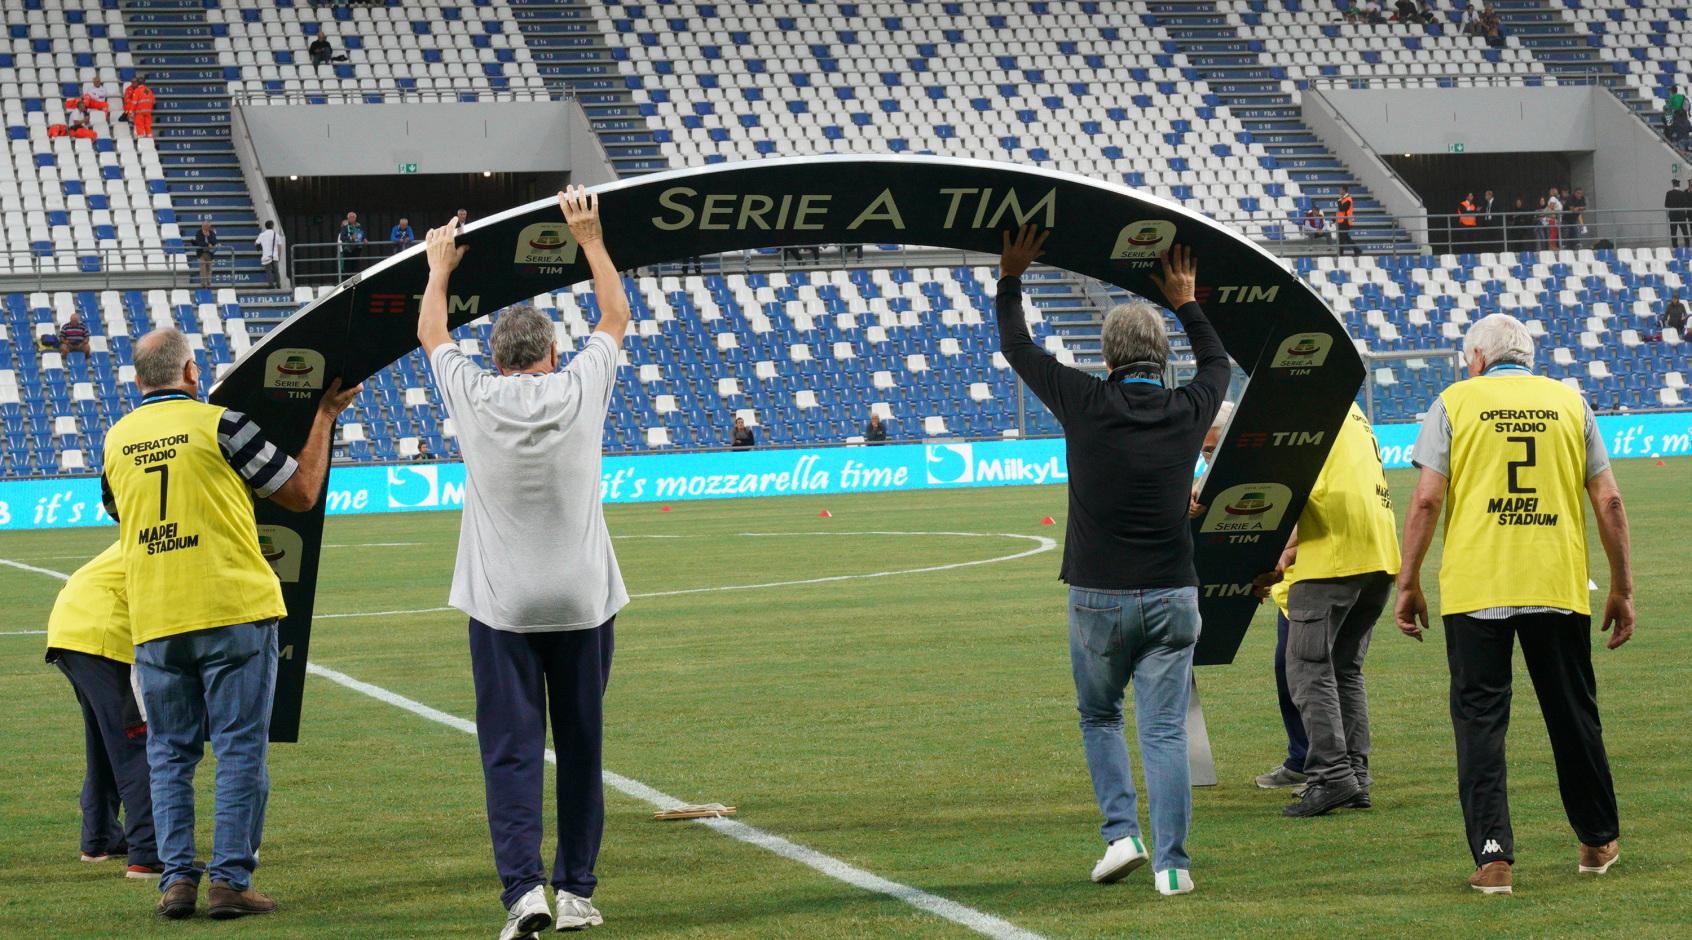 Чемпионат Италии: названа сборная провальных трансферов Серии А за последние два года